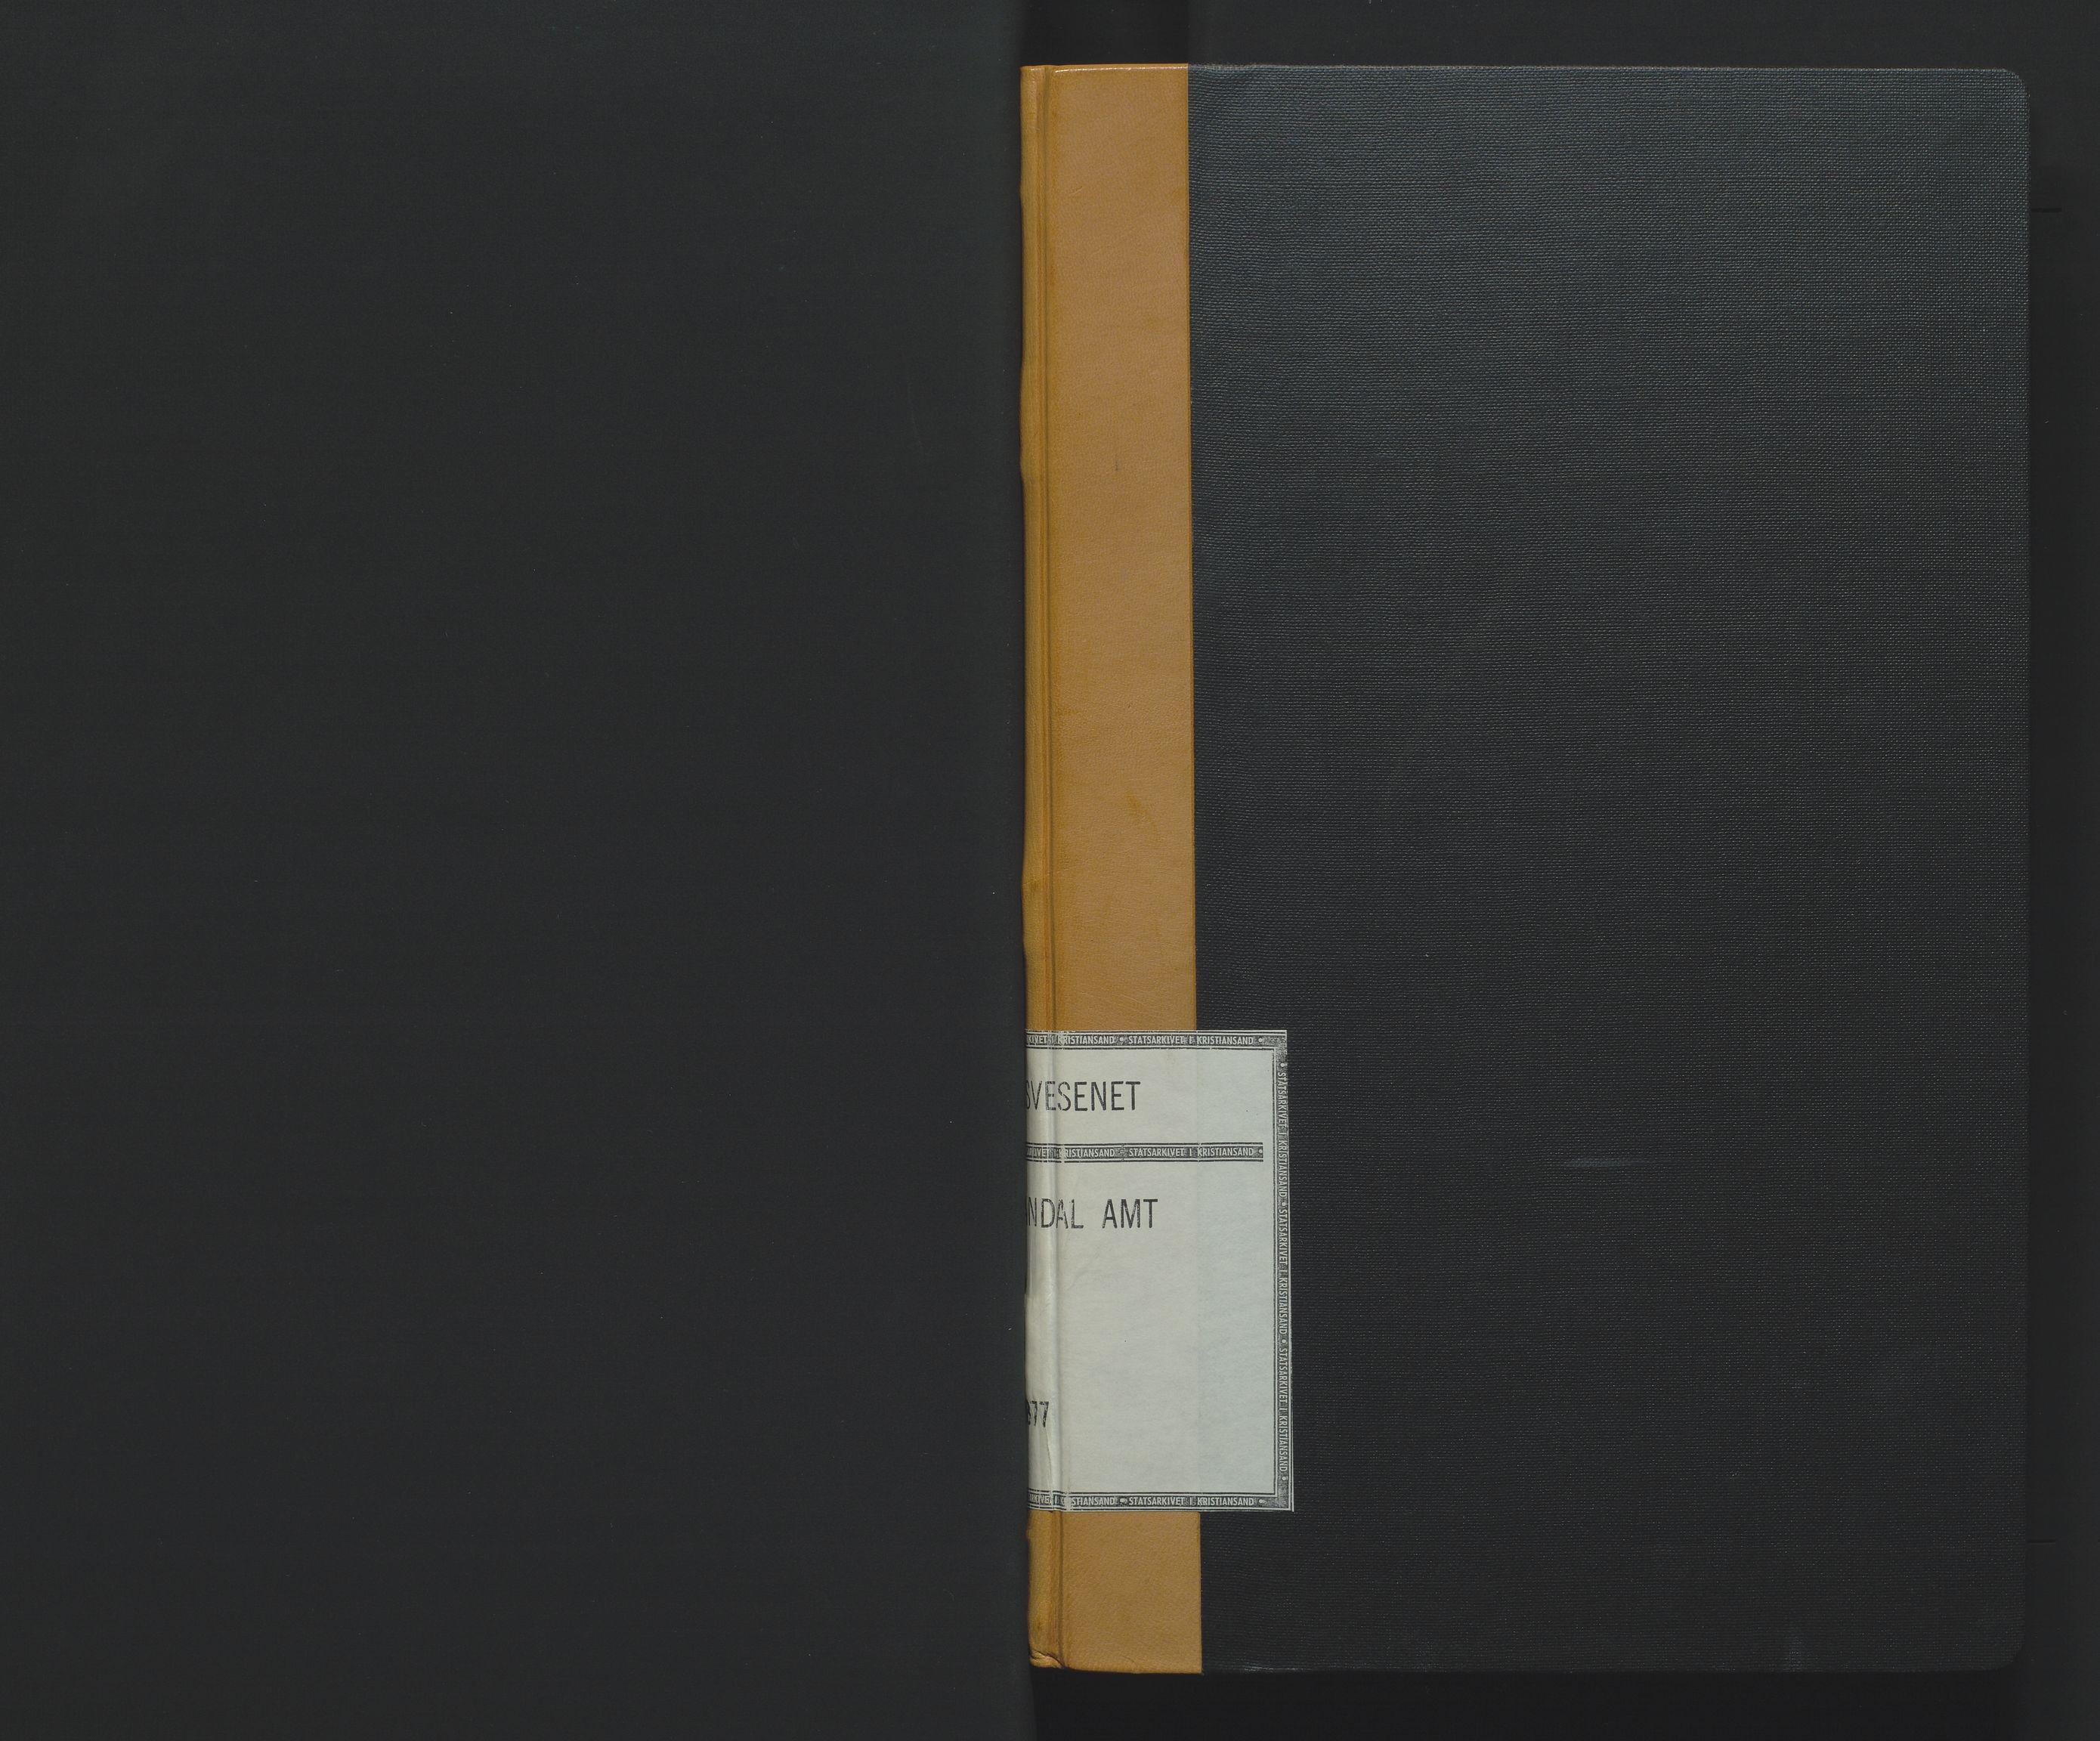 SAK, Utskiftningsformannen i Lister og Mandal amt, F/Fa/Faa/L0012: Utskiftningsprotokoll med register nr 12, 1876-1877